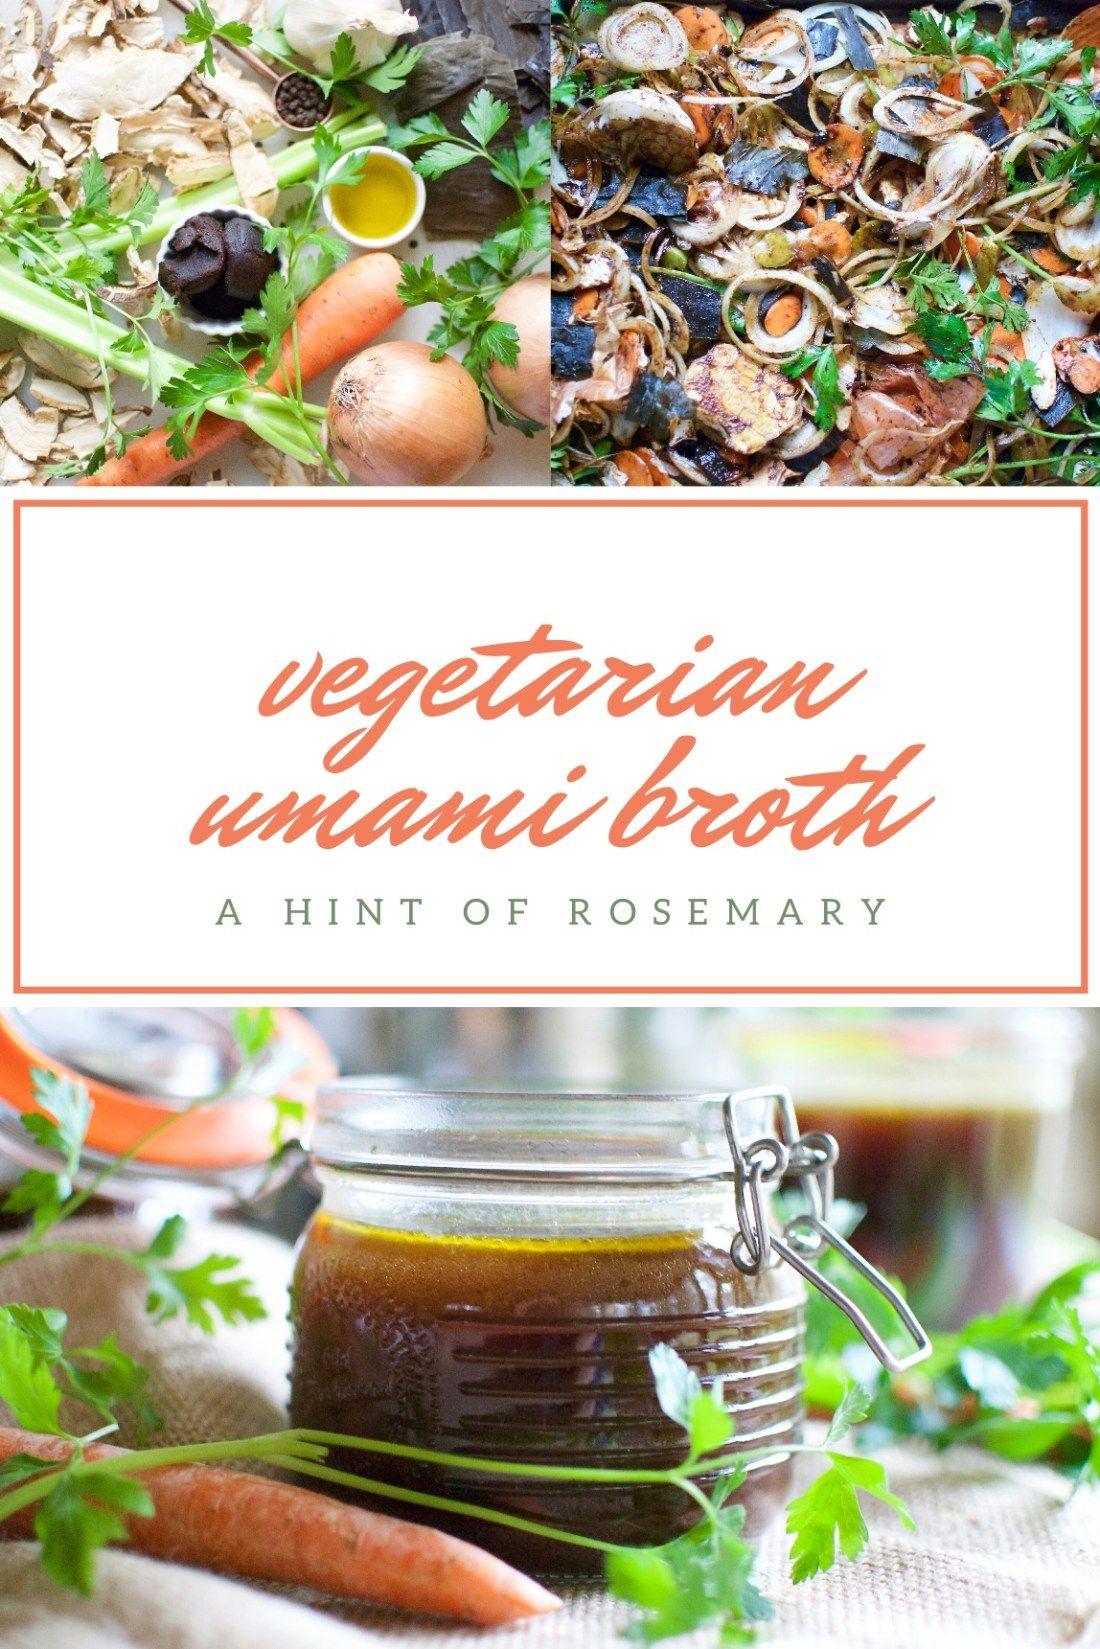 Vegetarian umami broth Recipe Vegetarian, Soups, stews